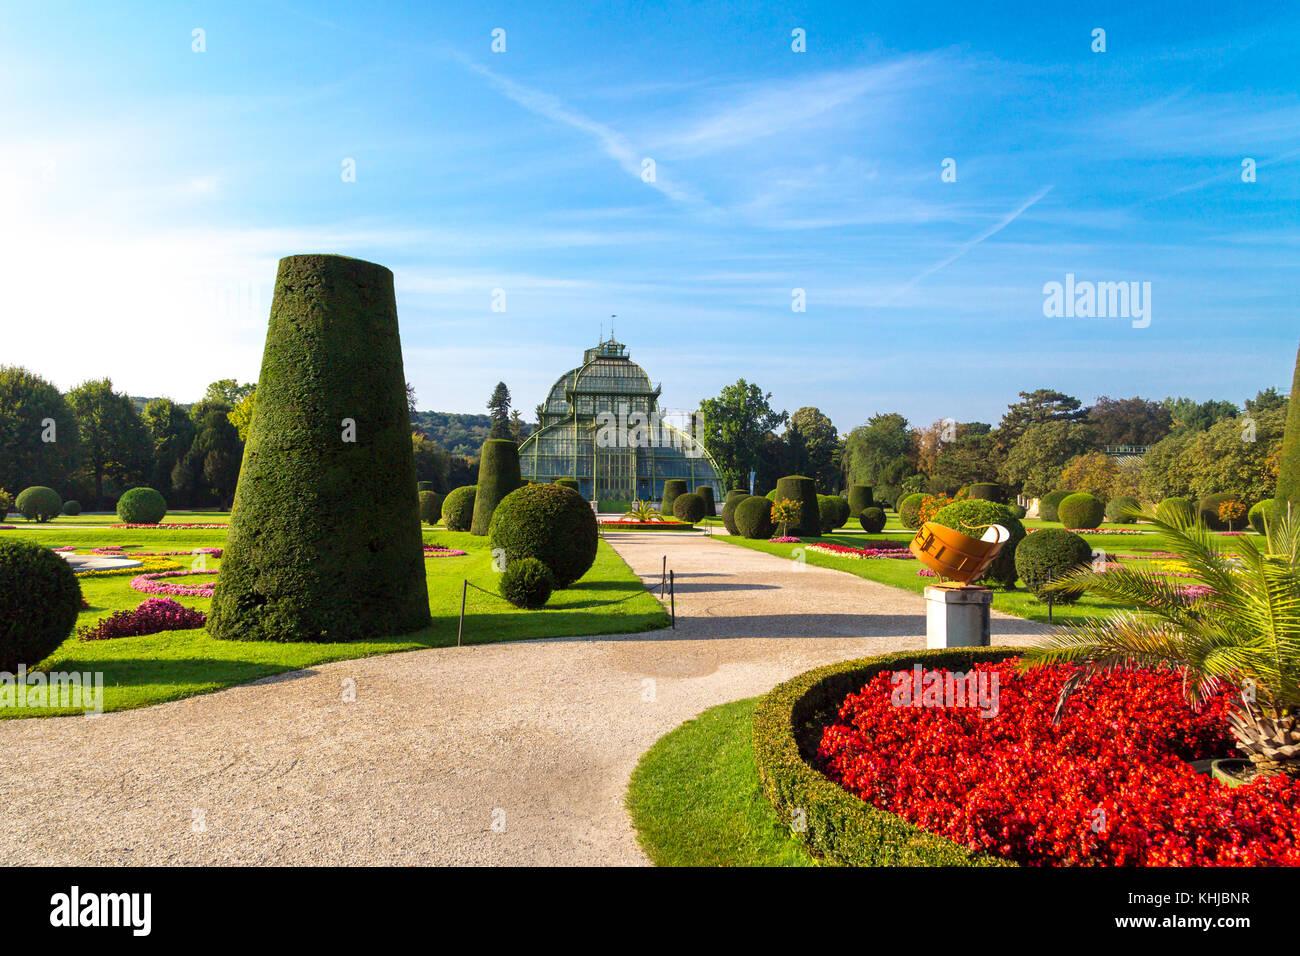 VIENNA, AUSTRIA - SEPTEMBER 11, 2016 : View of Palm House in Schönbrunn Palace Garden in Vienna, on bright - Stock Image